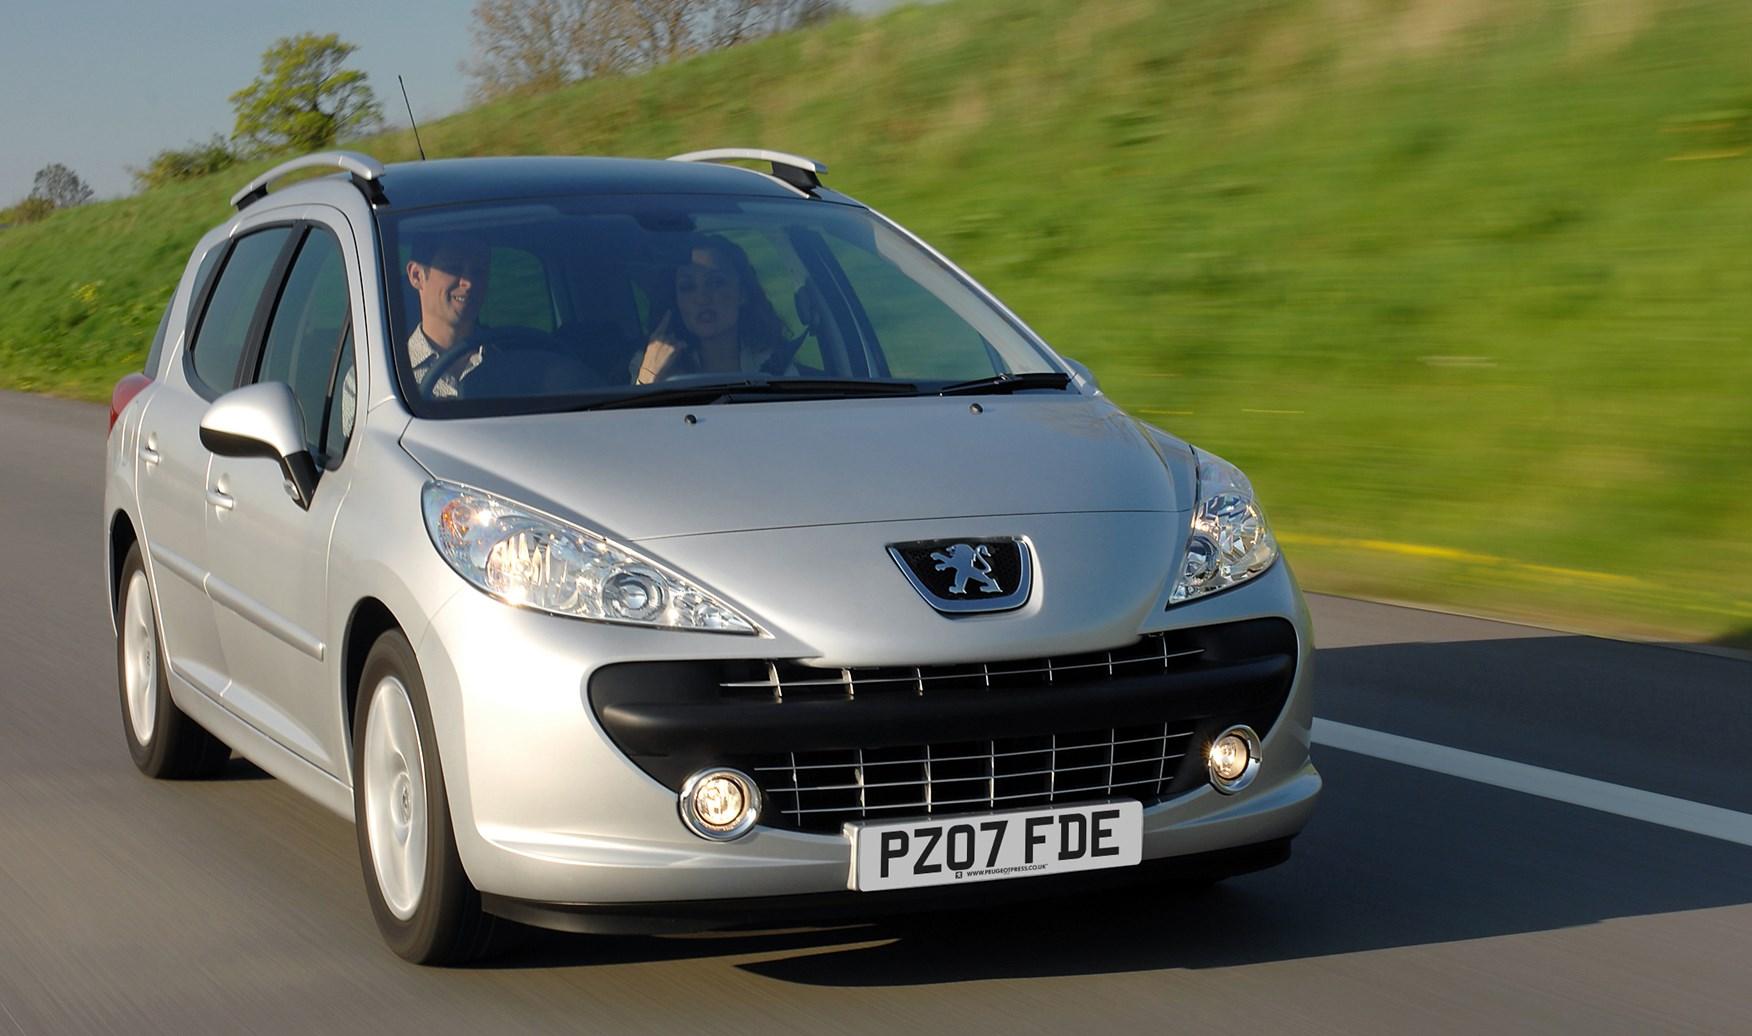 peugeot 207 sw review 2007 2013 parkers rh parkers co uk Peugeot 207 GTI Peugeot 207 GTI